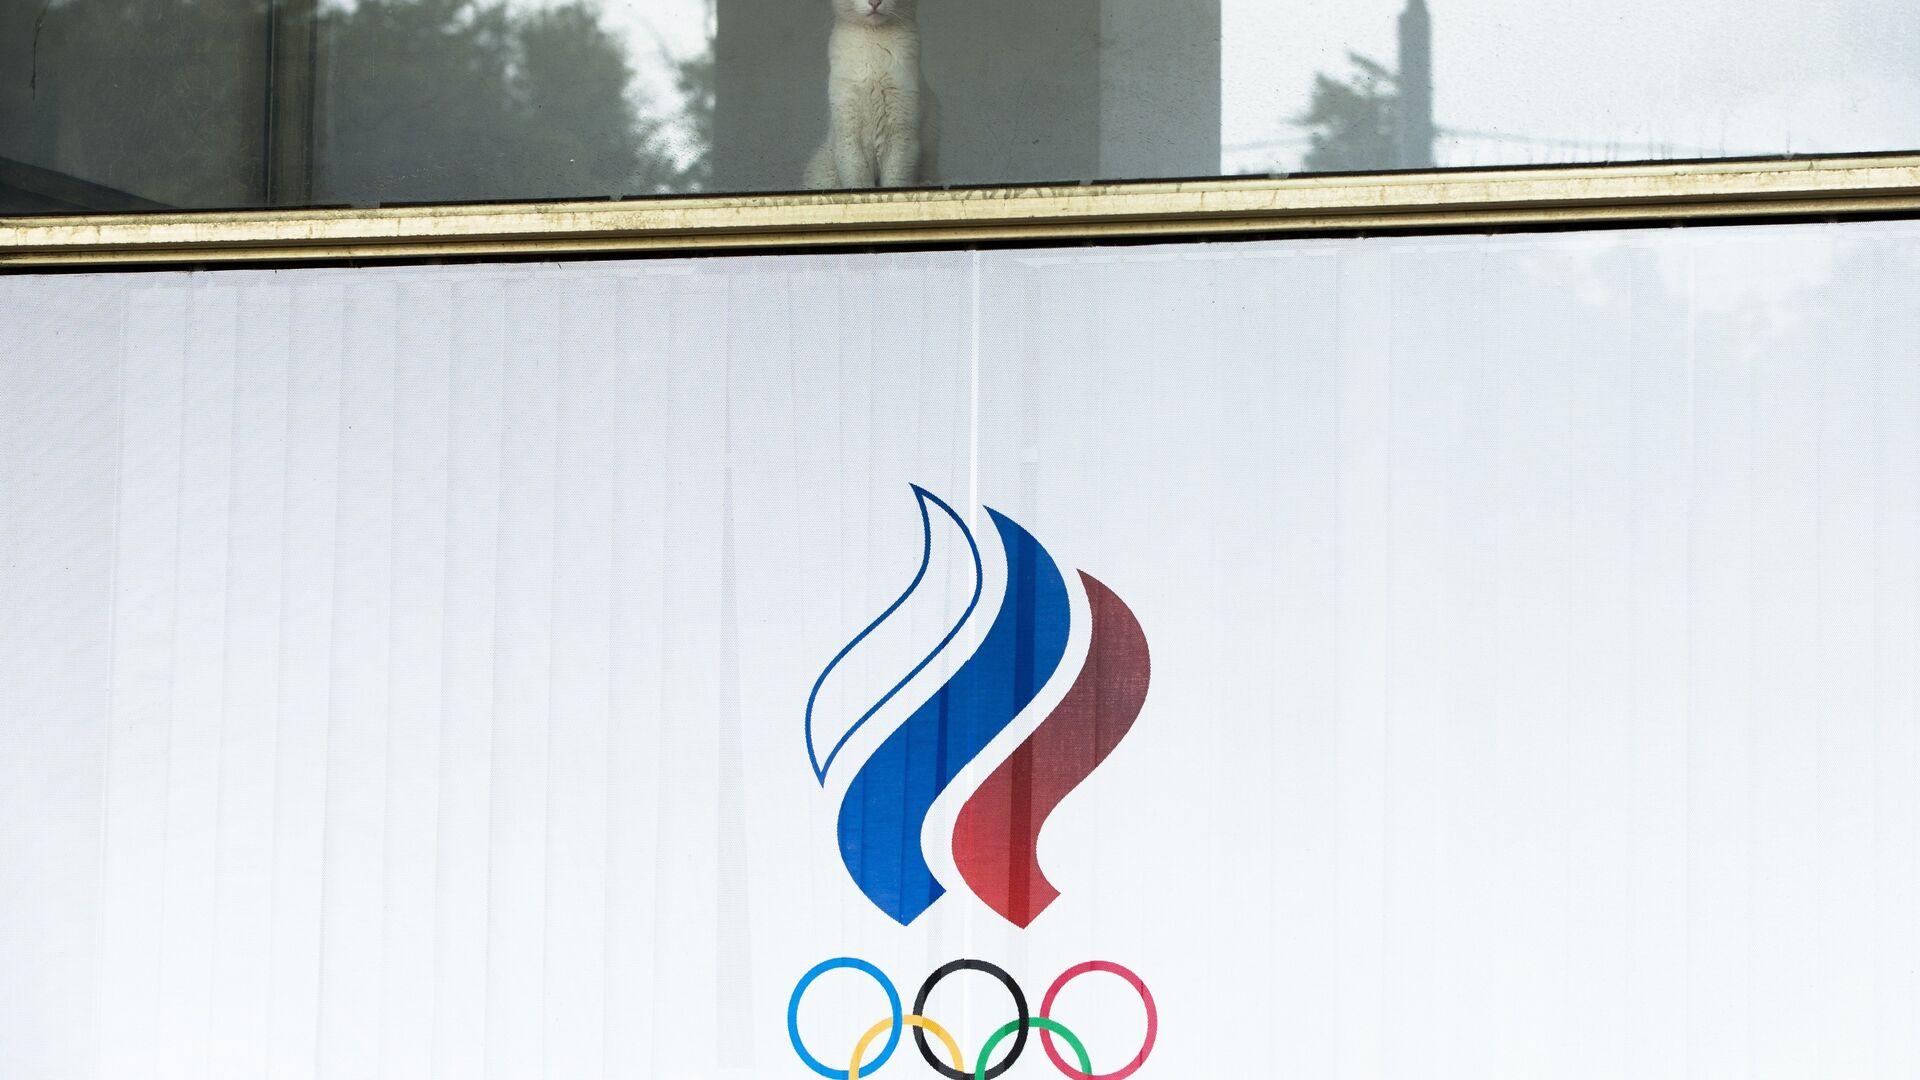 Мачка гледа кроз прозор зграде Руског олимпијског комитета. - Sputnik Србија, 1920, 17.07.2021